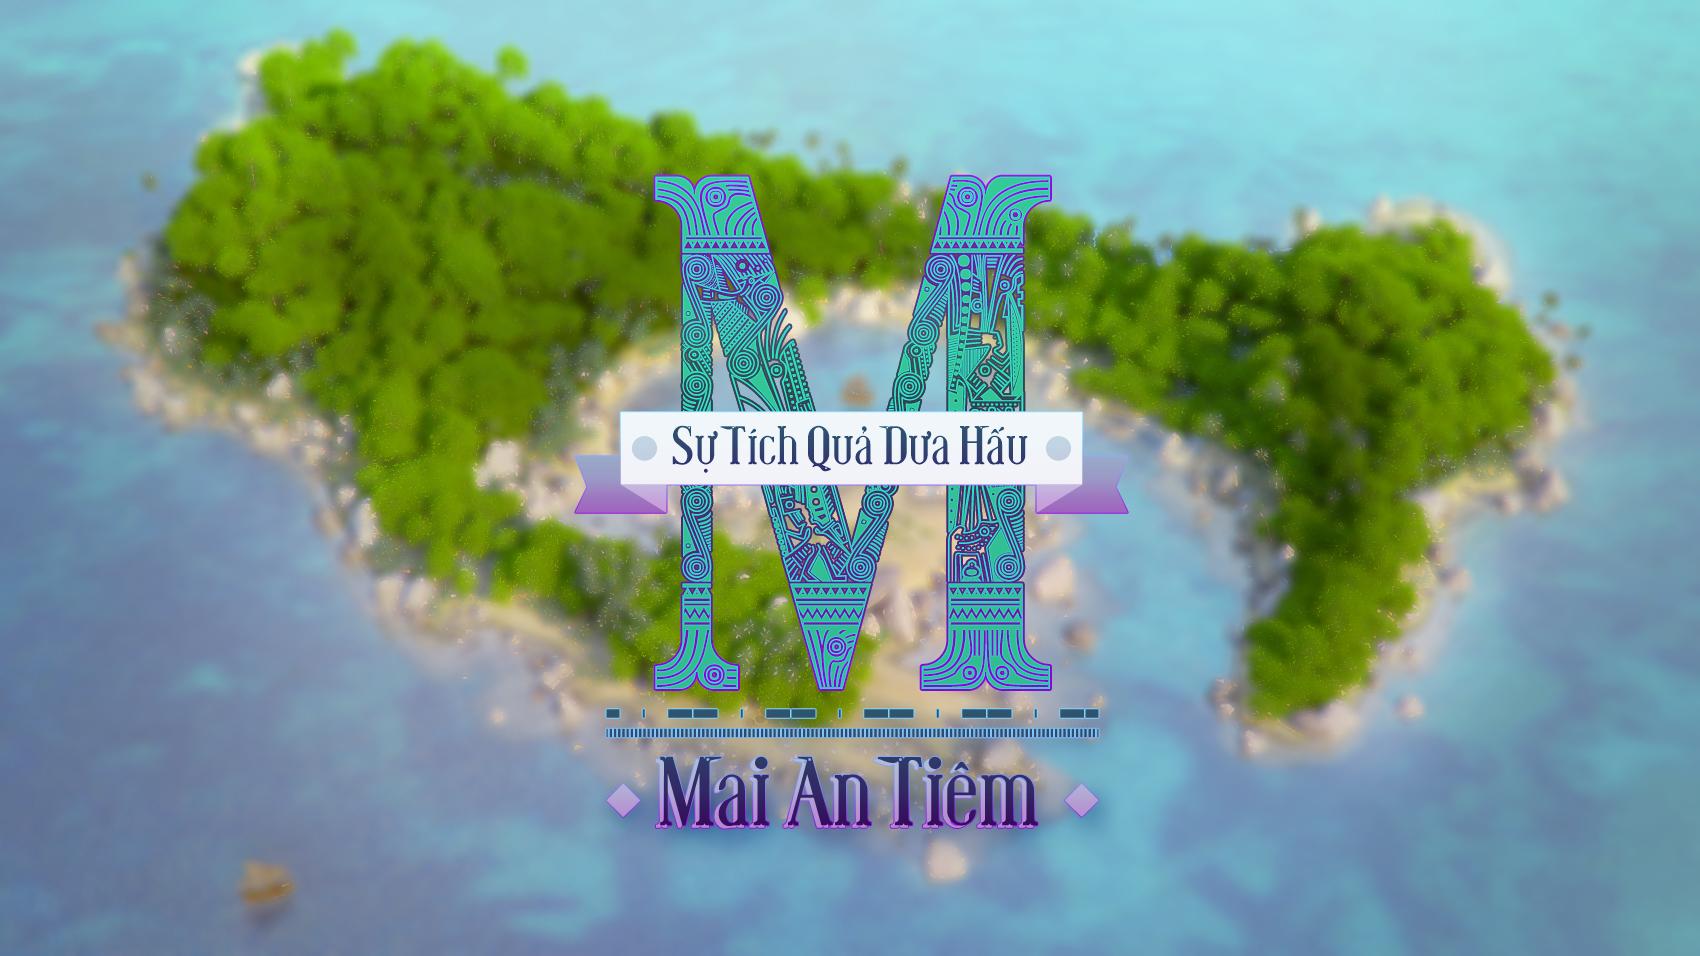 Sản Xuất Phim Hoạt Hình 3D – Kế Hoạch 100 Tâp Phim Cổ Tích Việt Nam